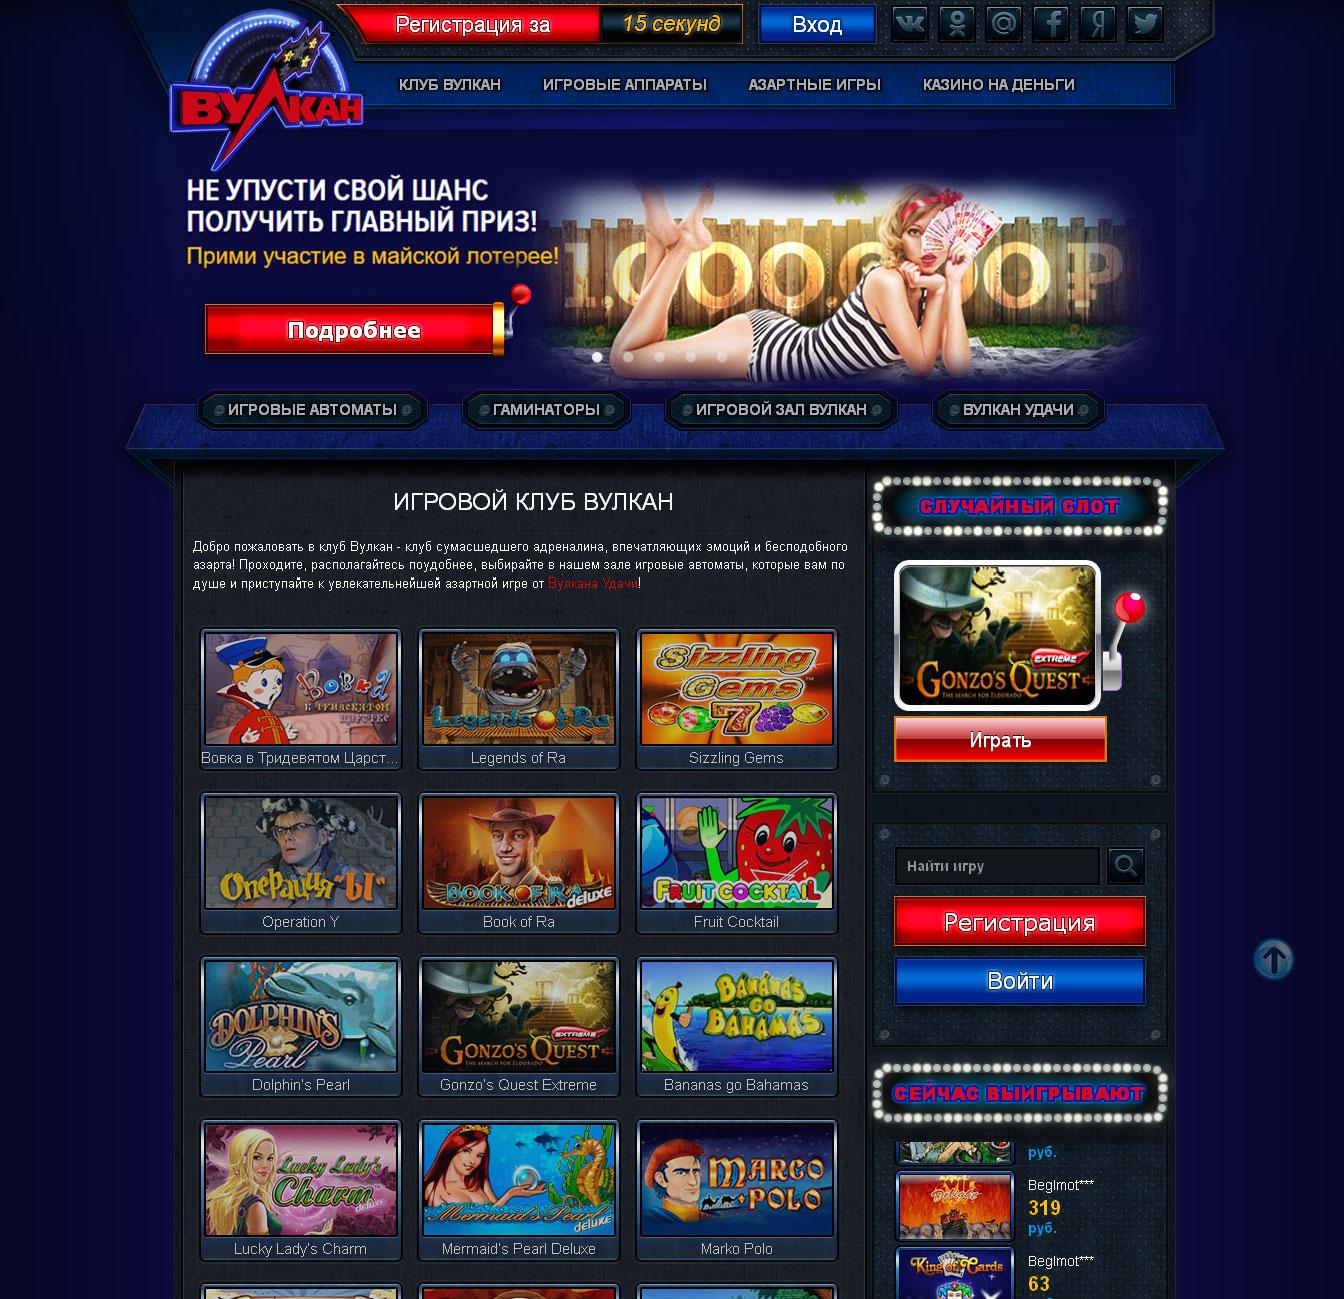 Игровой зал сумасшедшего адреналина  в казино Вулкан в интернете